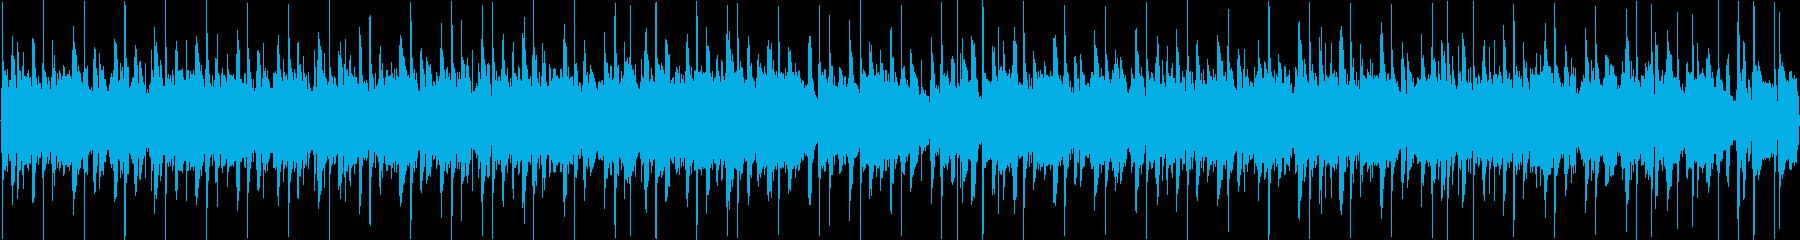 レゲエ風ポップなループの再生済みの波形